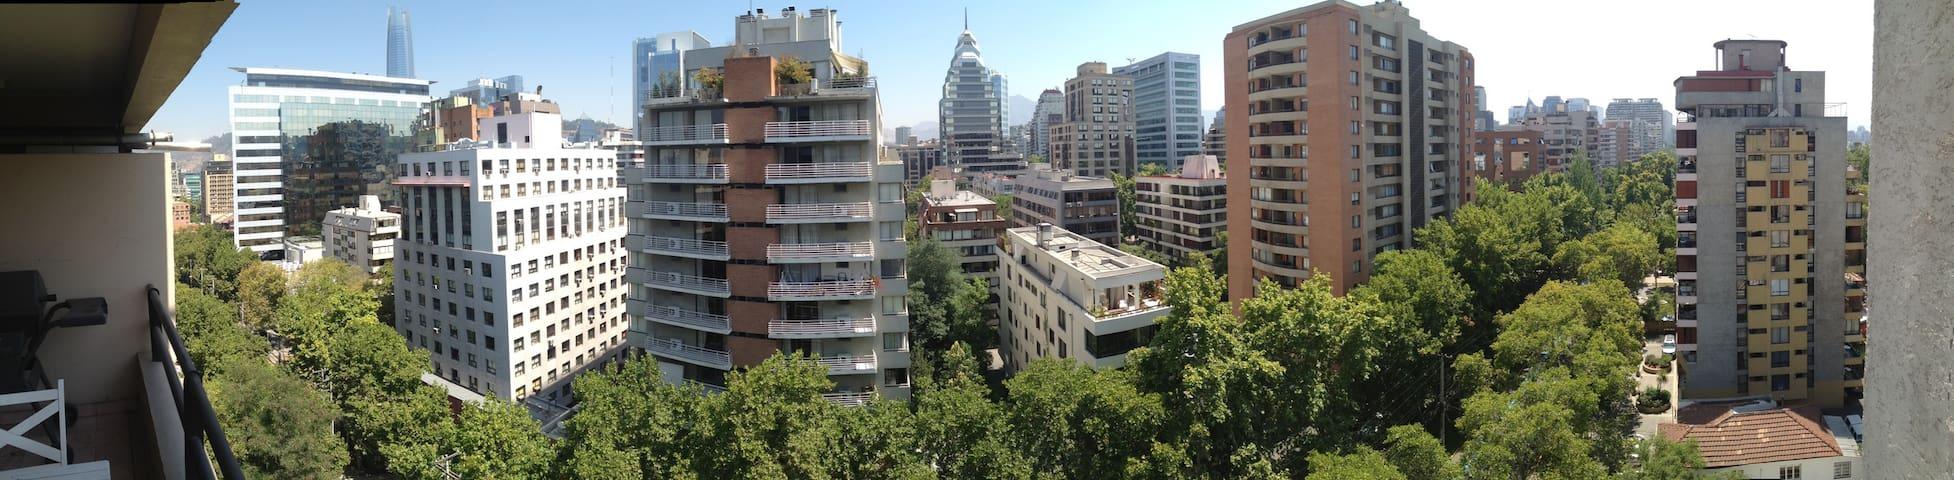 Cosy apartment & well located - Santiago - Apartemen